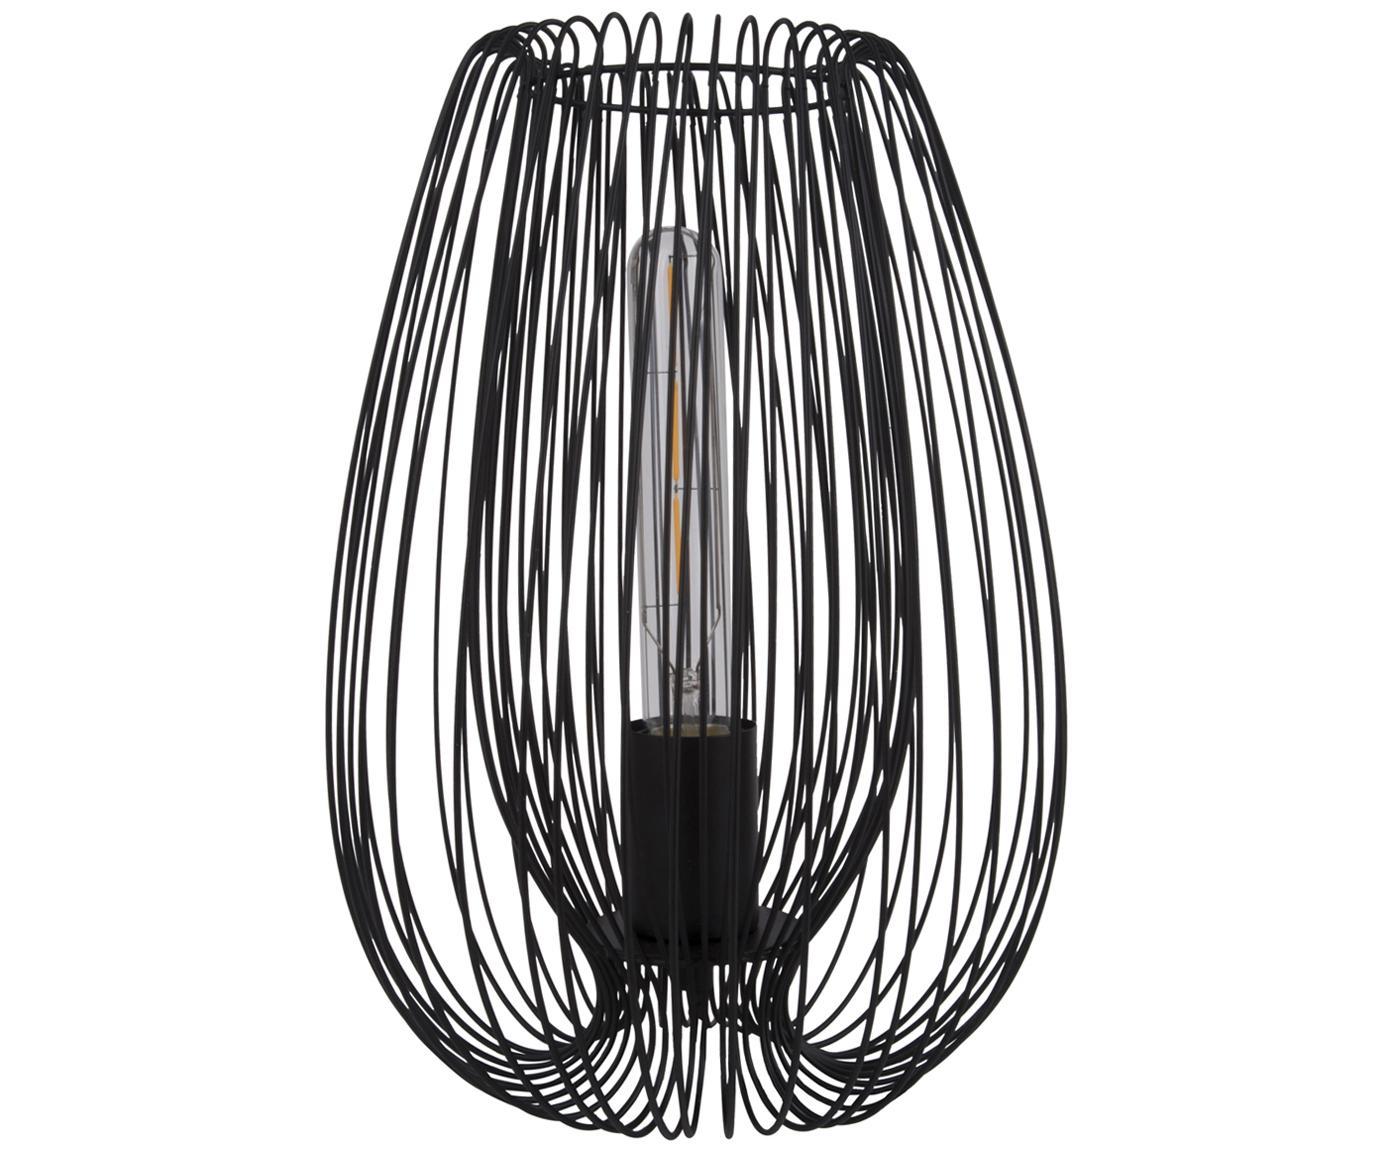 Lámpara de mesa Lucid, estilo retro, Lámpara: metal pintado, Cable: plástico, Negro, Ø 22 x Al 33 cm